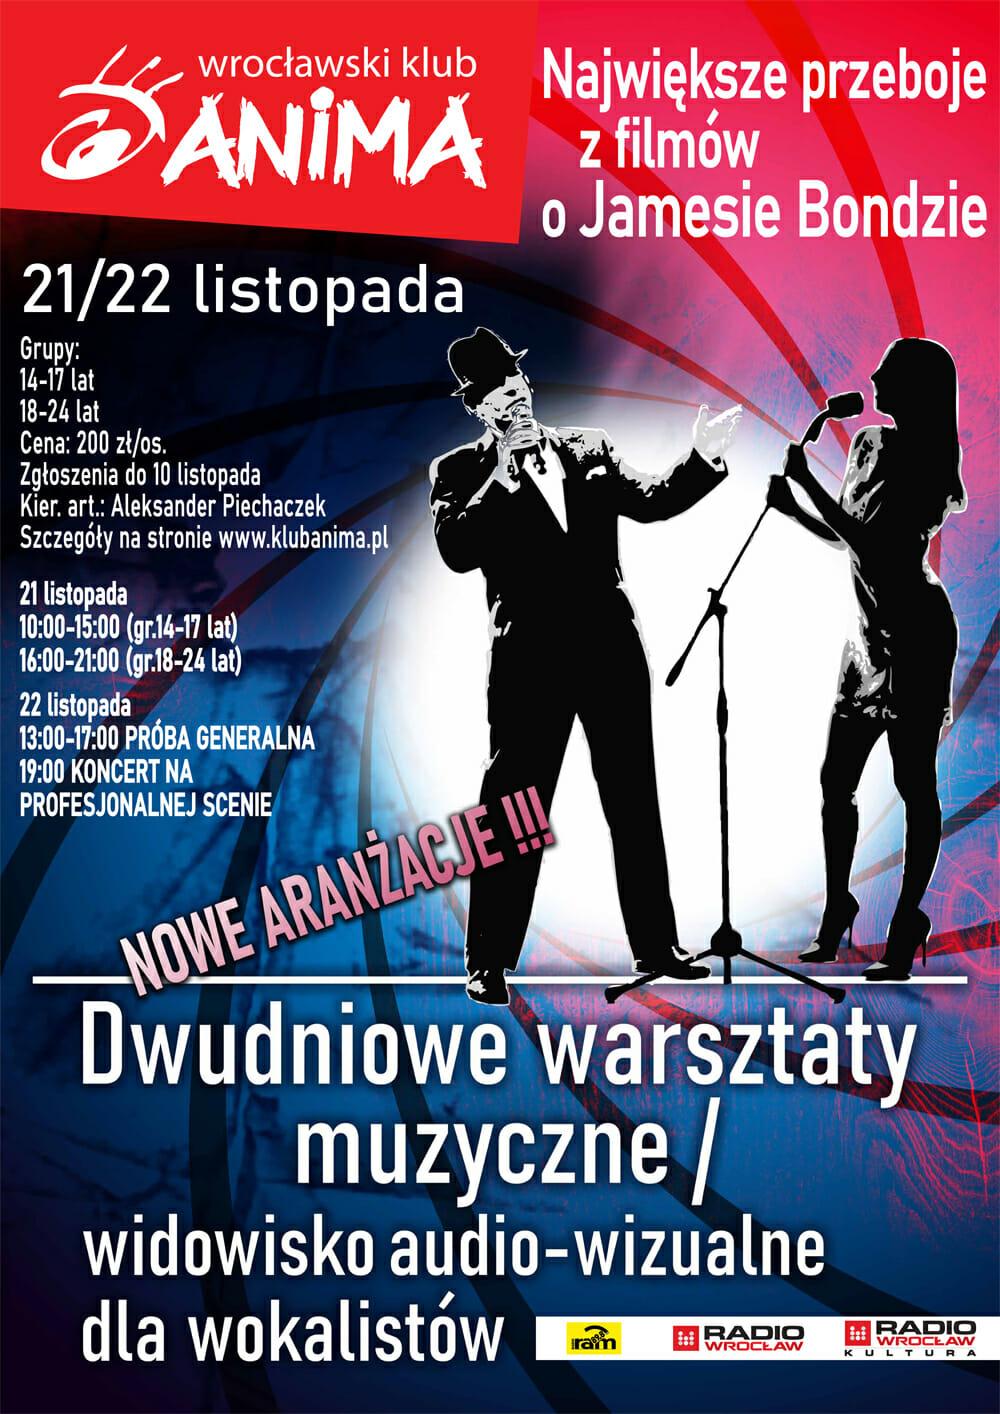 Dwudniowe warsztaty muzyczne/widowisko audio-wizualne dla wokalistów !!!